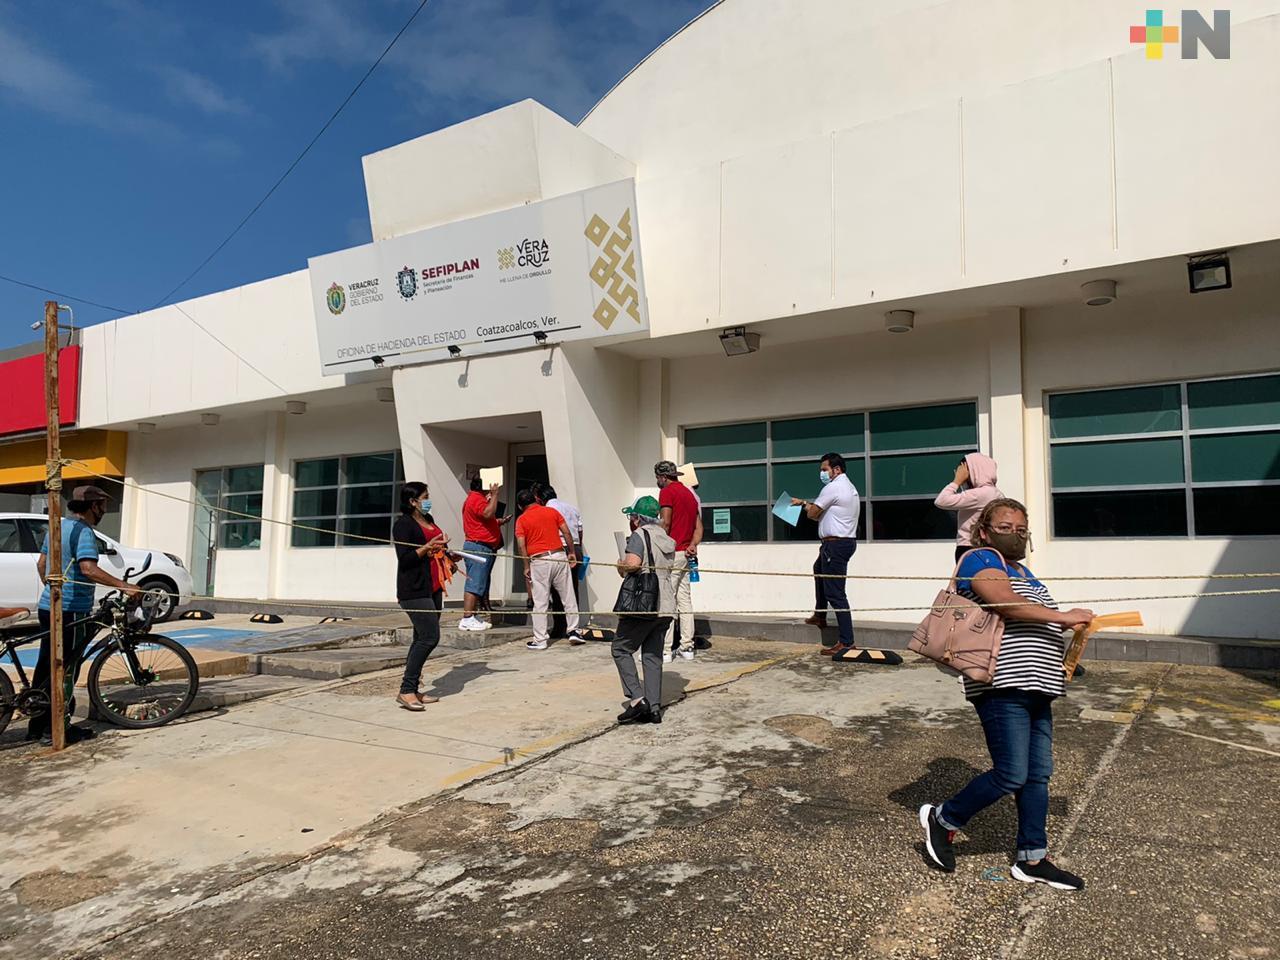 Llegan contribuyentes a cubrir tenencia vehicular en oficina de Hacienda del Estado en Coatzacoalcos